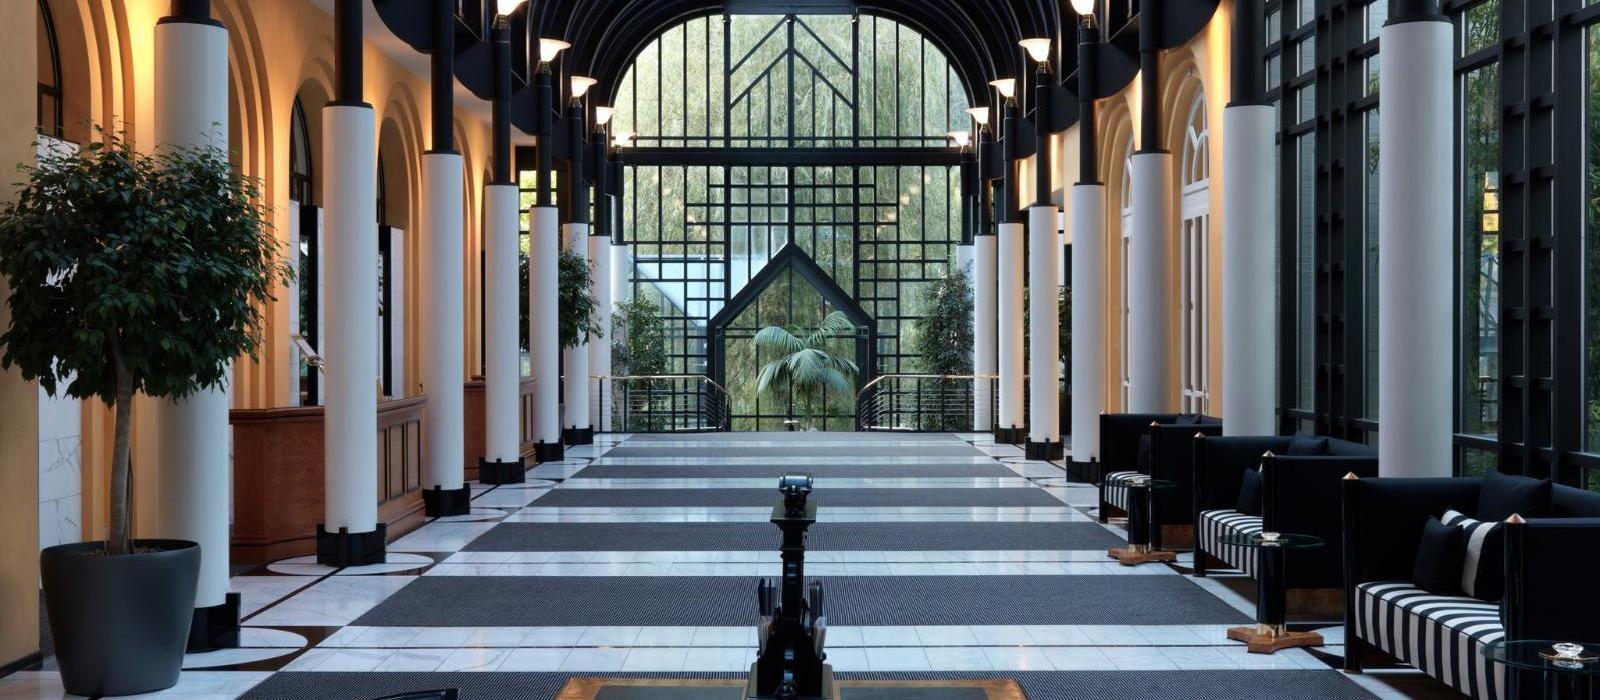 维多利亚少女峰山墅温泉酒店(Victoria-Jungfrau Grand Hotel & Spa) 大堂图片  www.lhw.cn